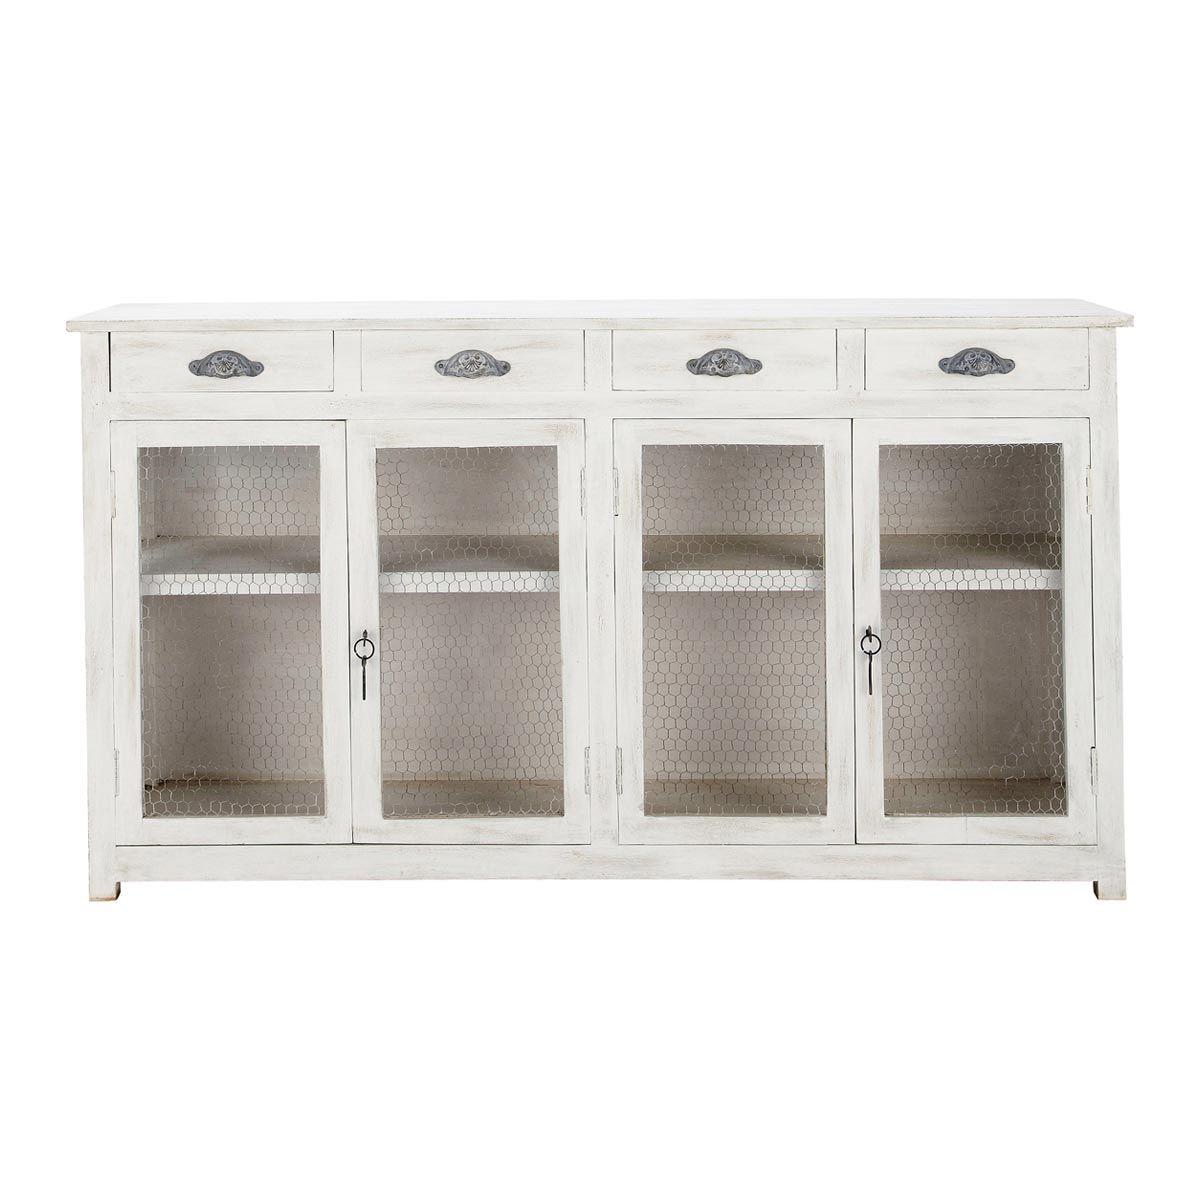 aparador de cocina blanco bocage 499 maison